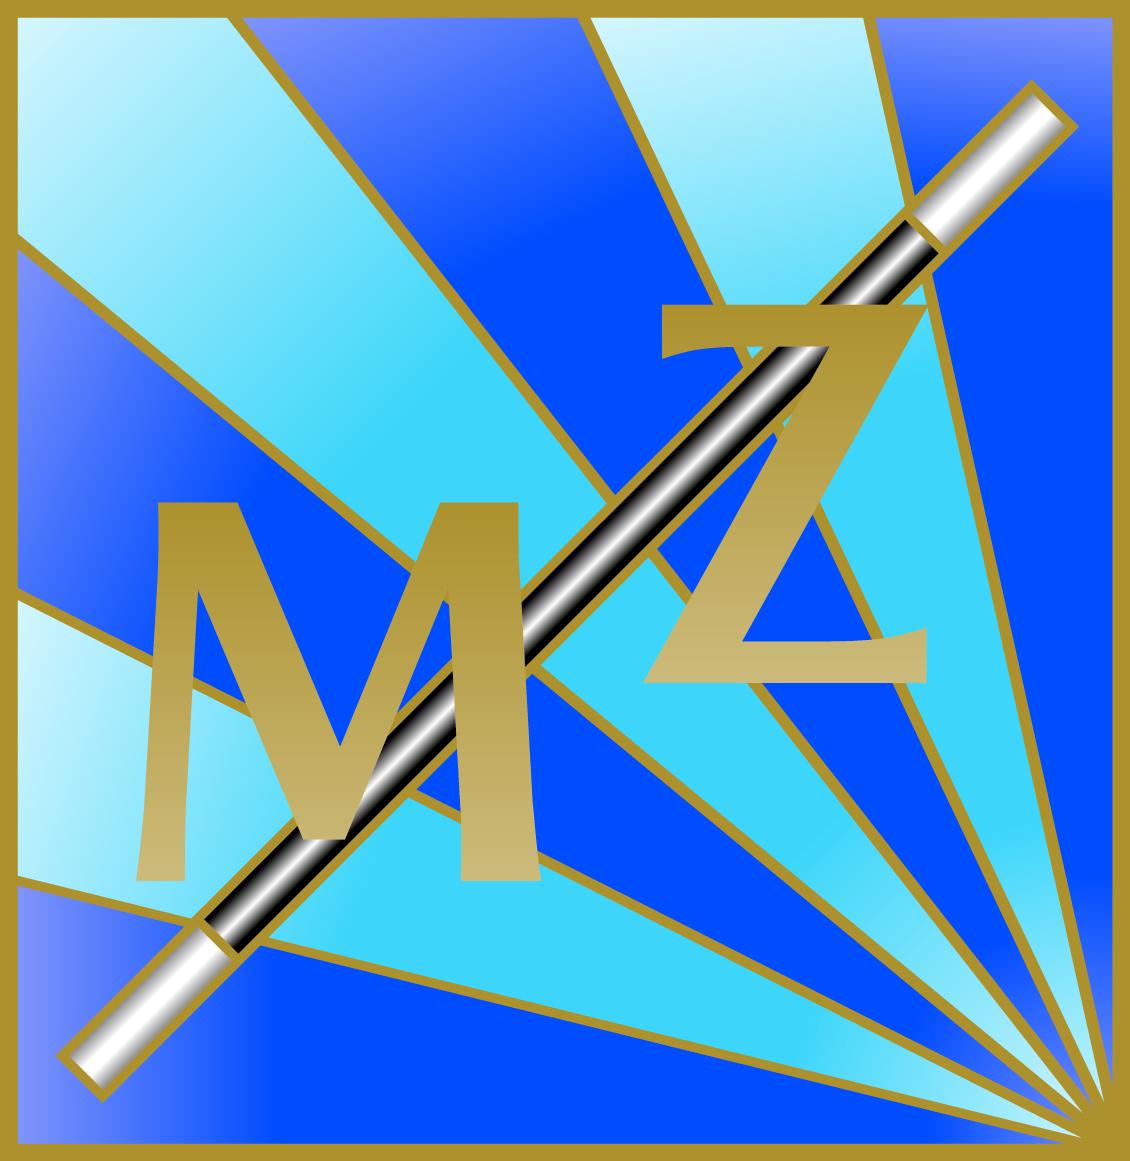 Bildergebnis für mzvd logo